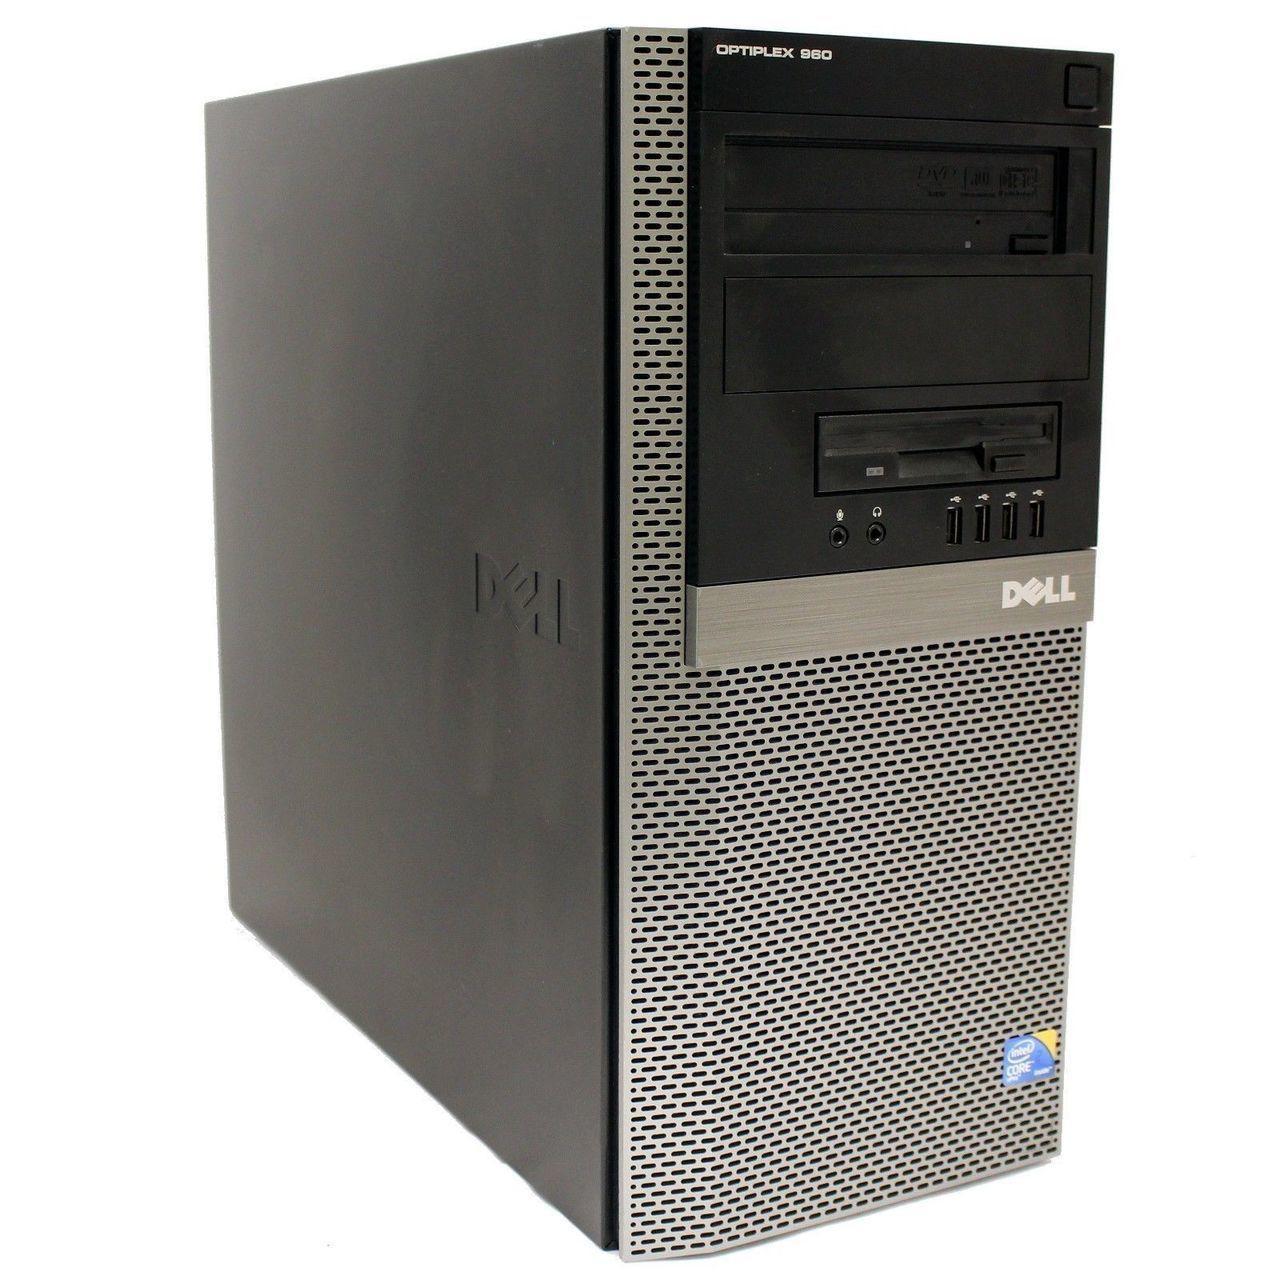 Системный блок, компьютер, Intel Core 2 Duo, 2 ядра по 2,4 Ггц, 8 Гб ОЗУ, HDD 250 Гб